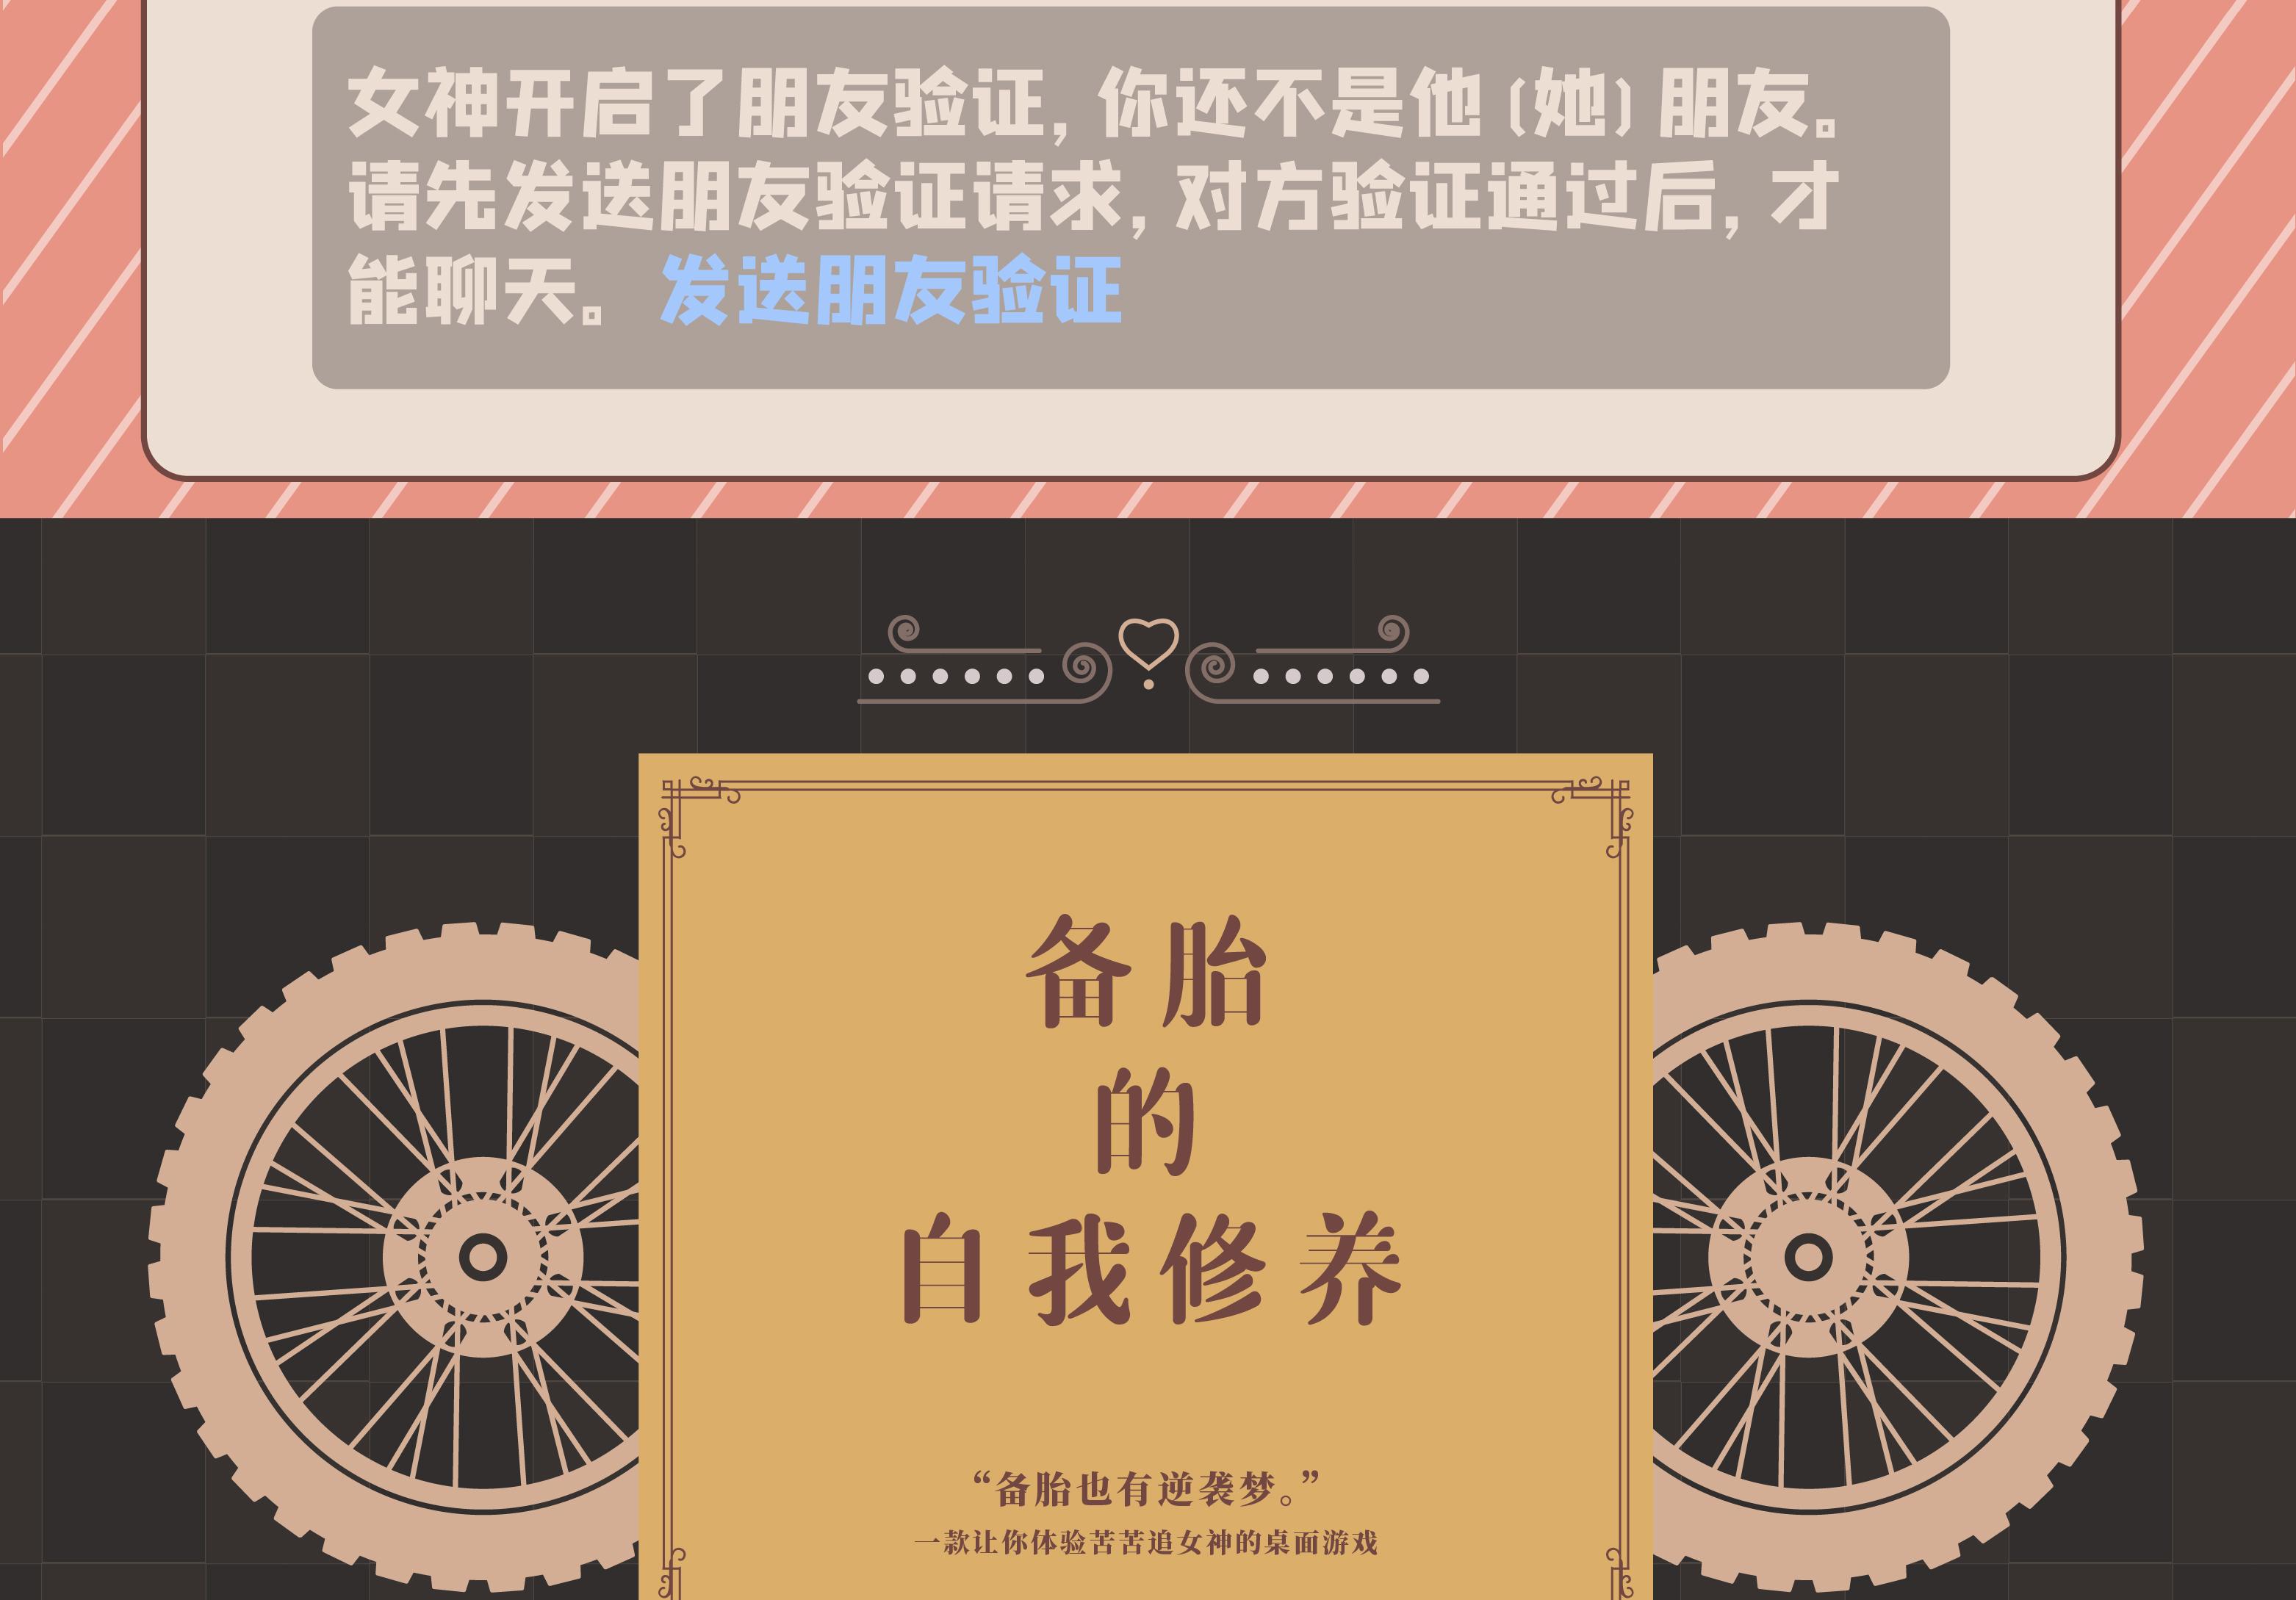 20190904-众筹封面-详情_画板-1_04.jpg